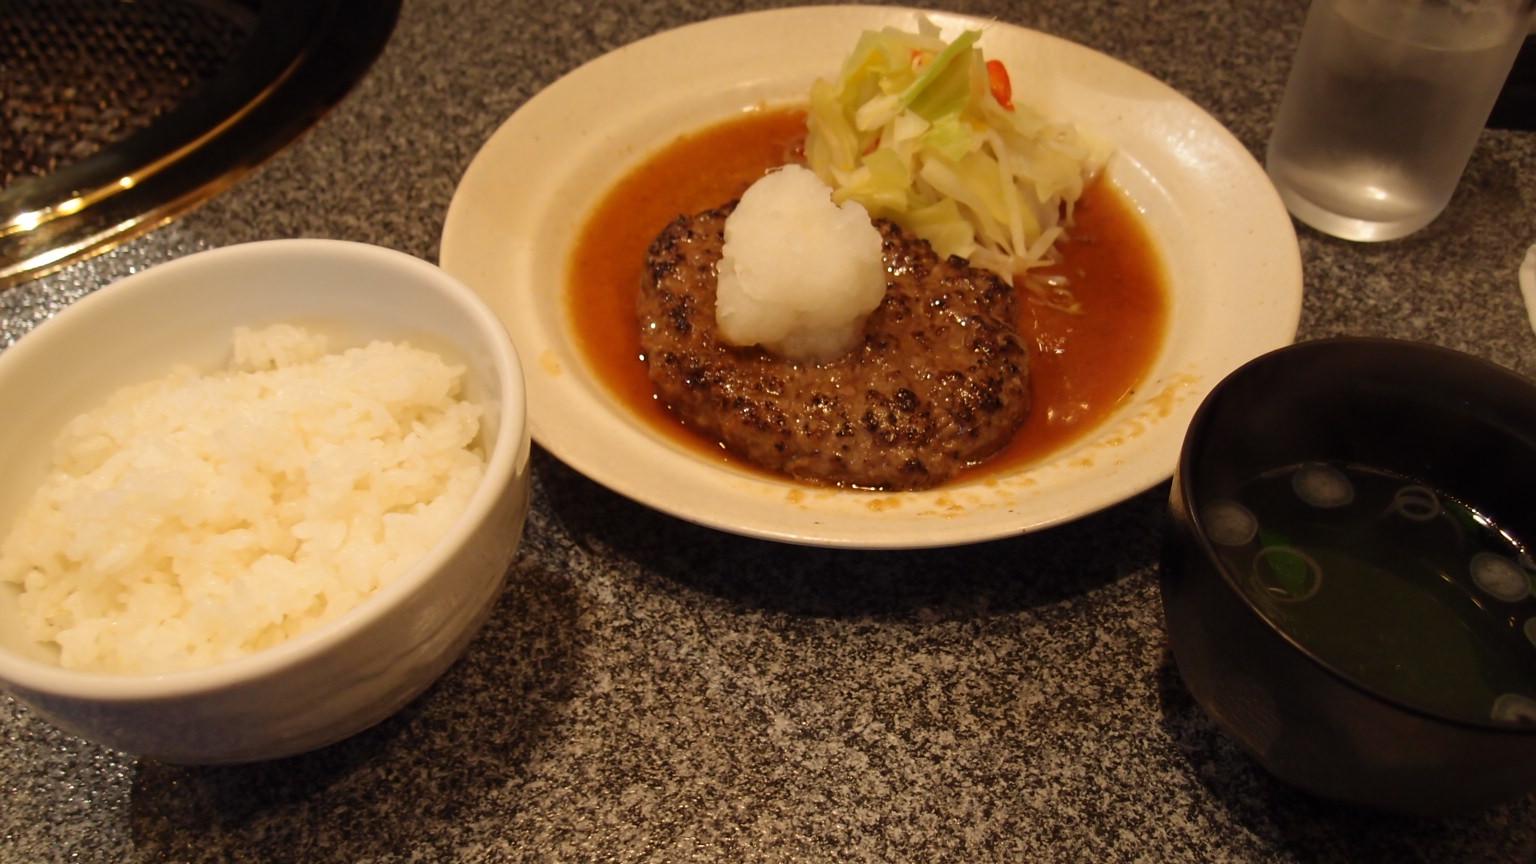 銀座 焼肉割烹 松阪 和風ハンバーグランチ